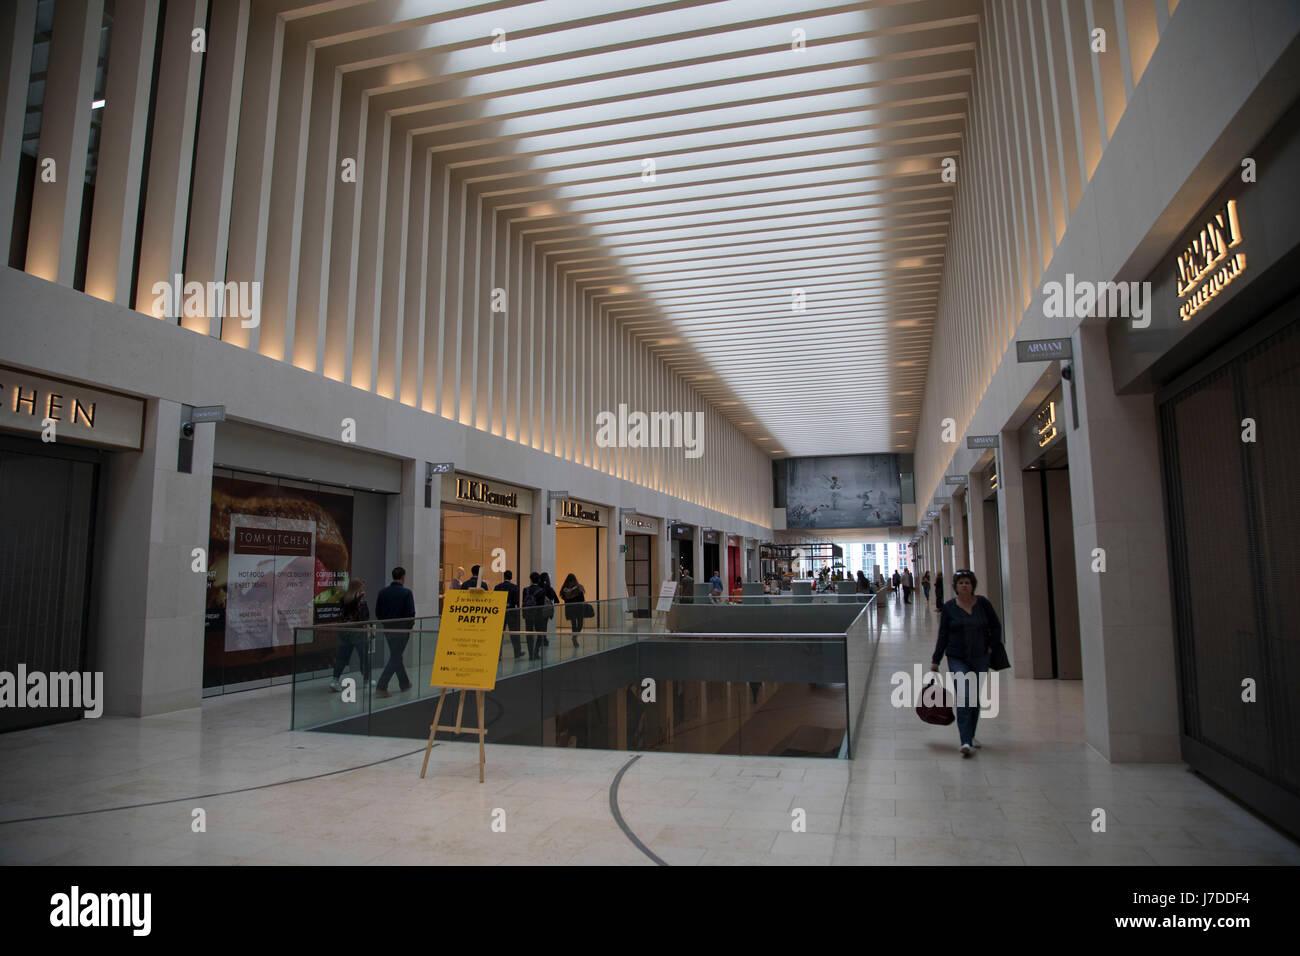 Interior of The Mailbox exclusive department store in Birmingham